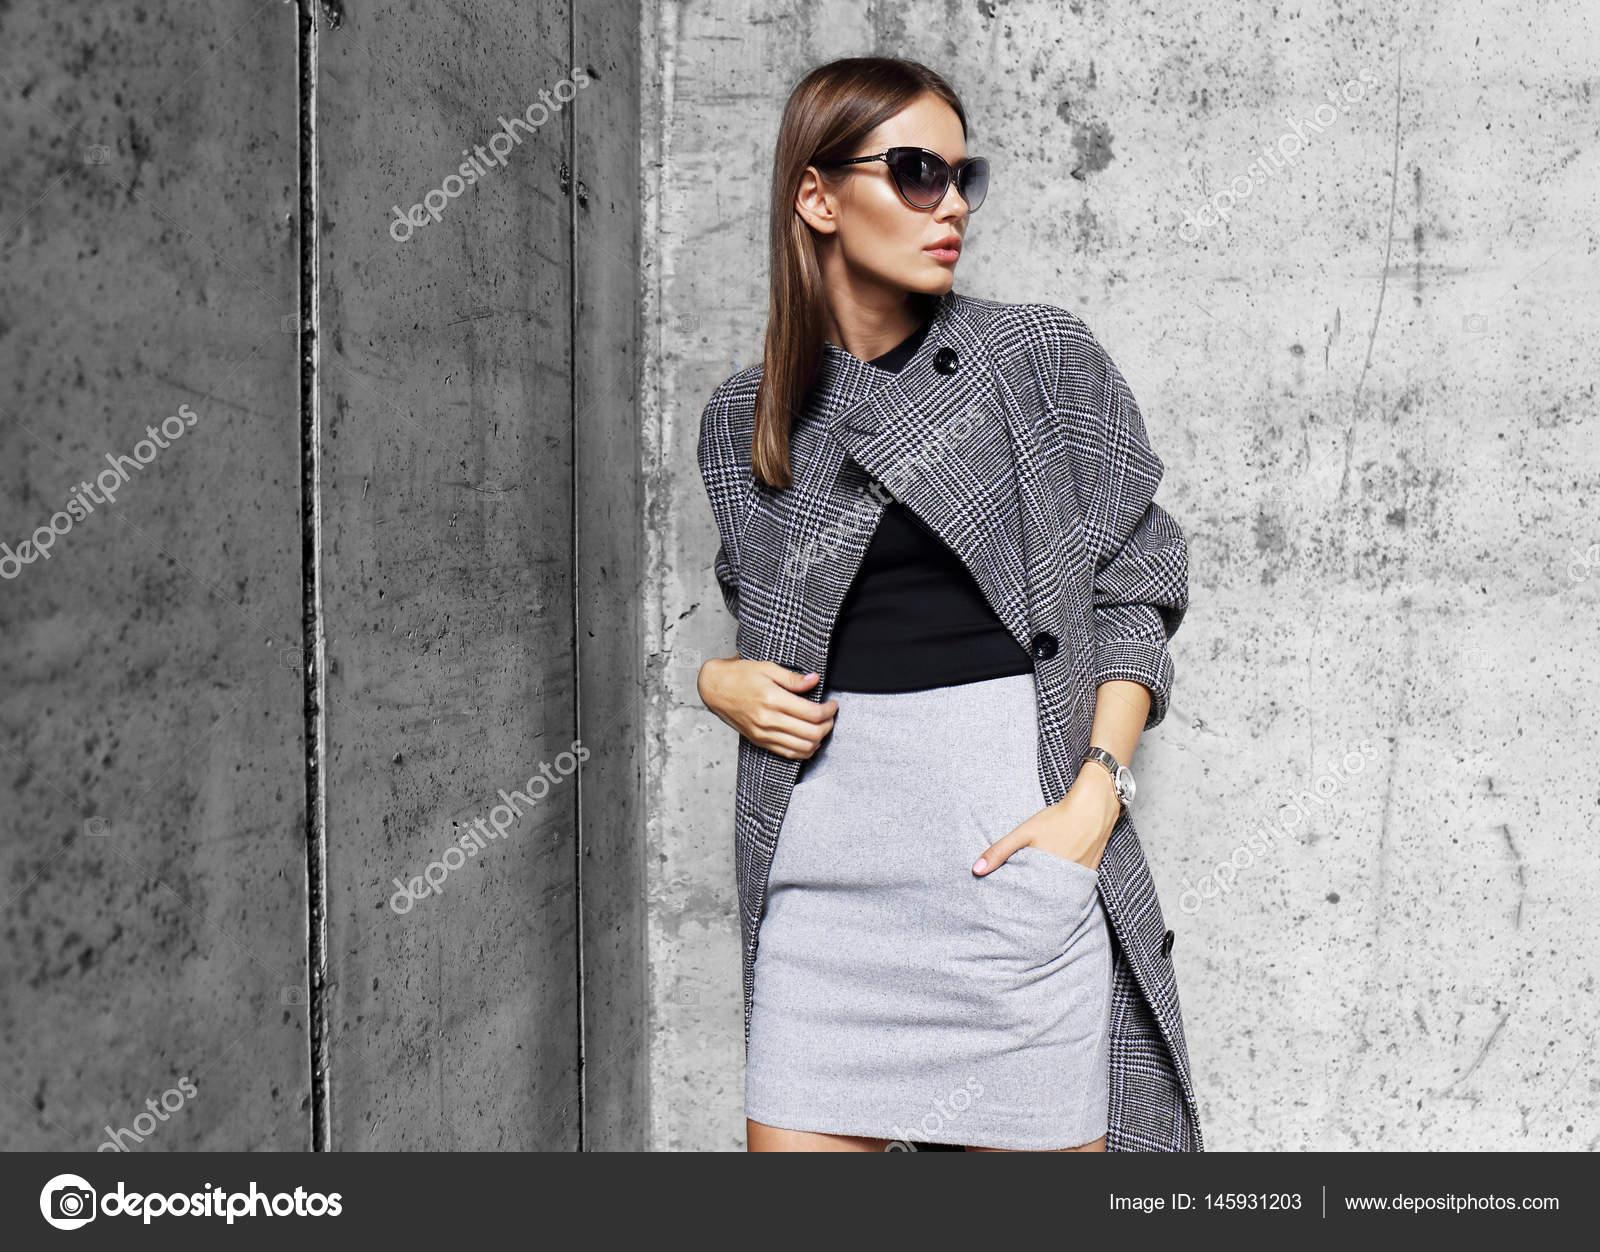 Gris Abrigo Mujer Moda Abrigo Gris Mujer Mujer Moda Moda wSq8Z